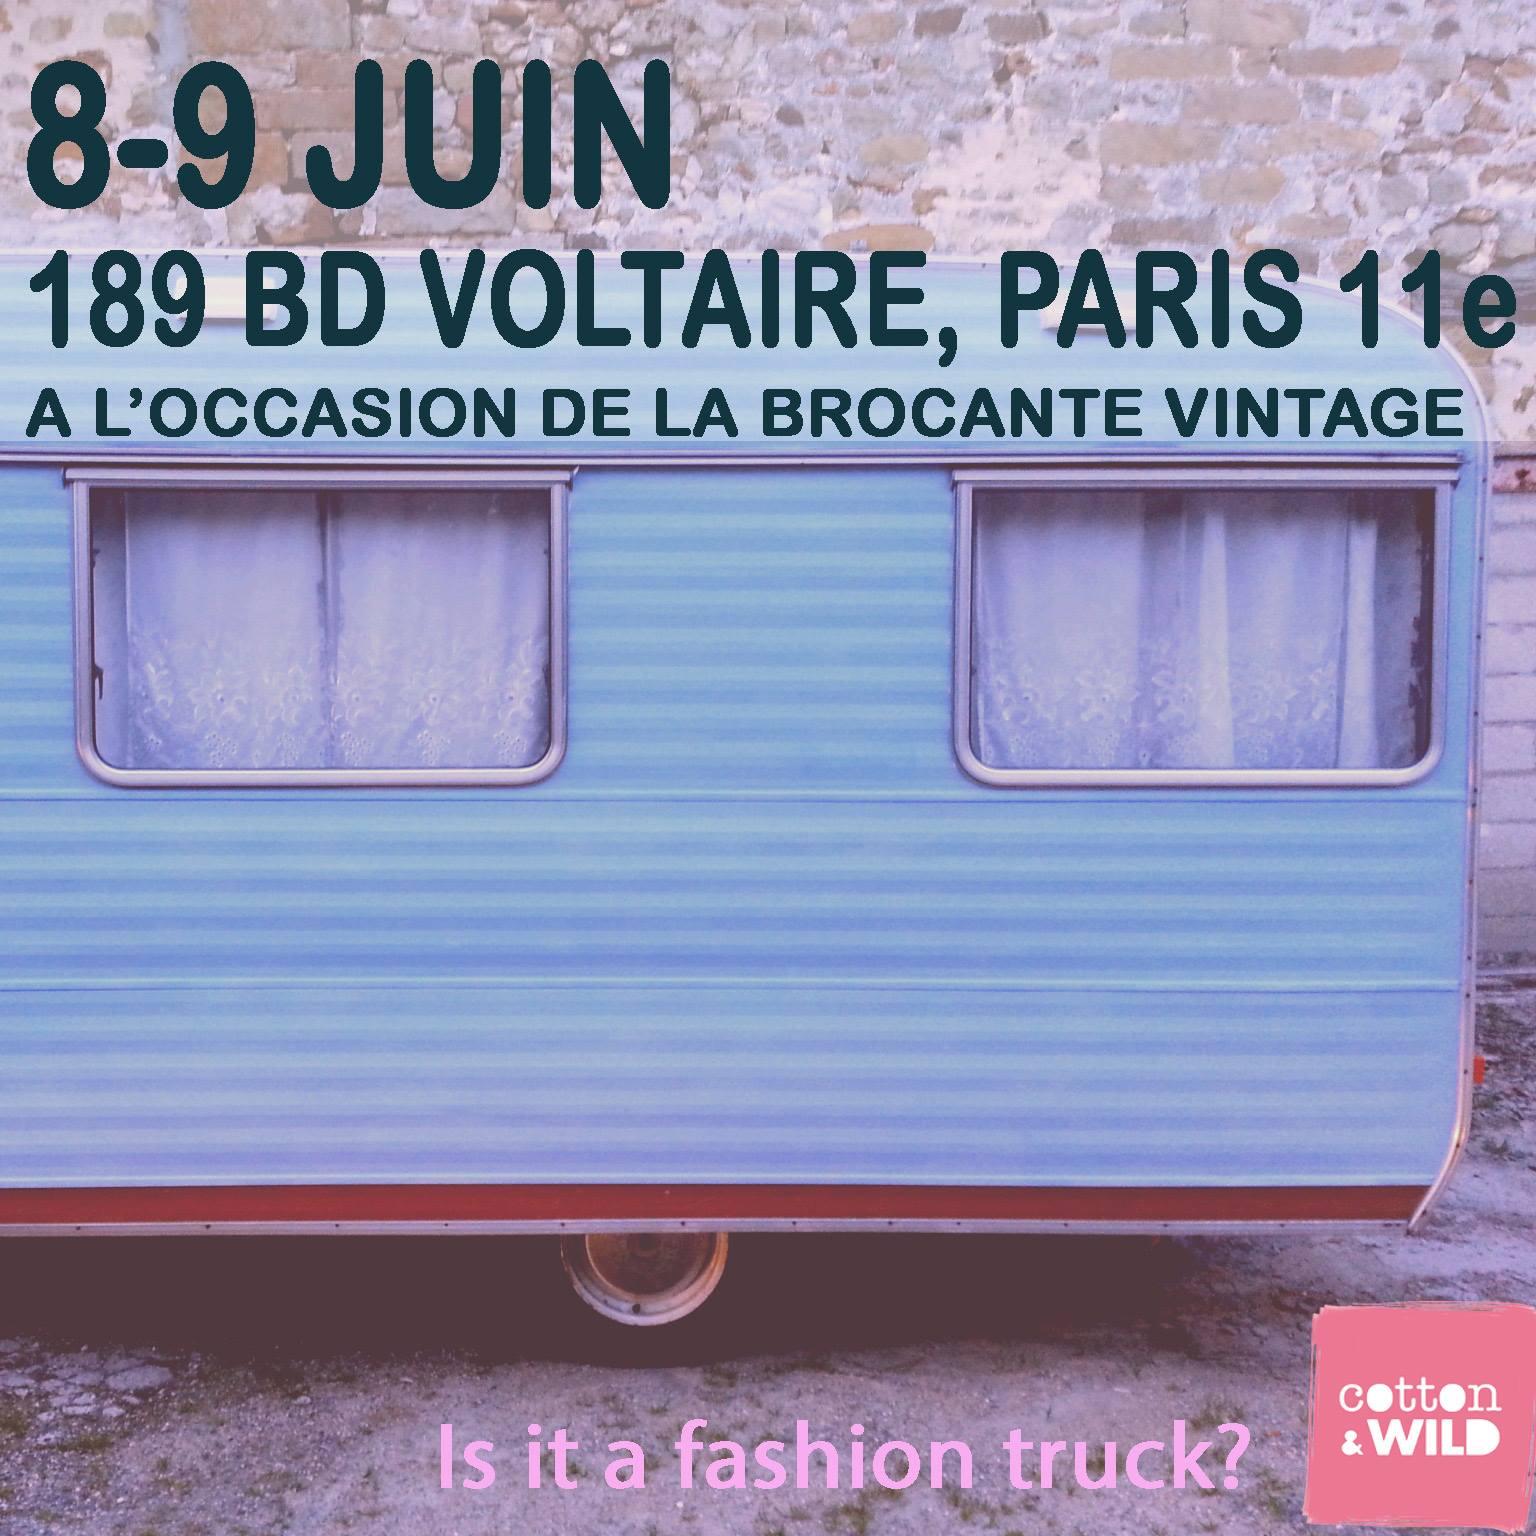 Moda na fashion trucks